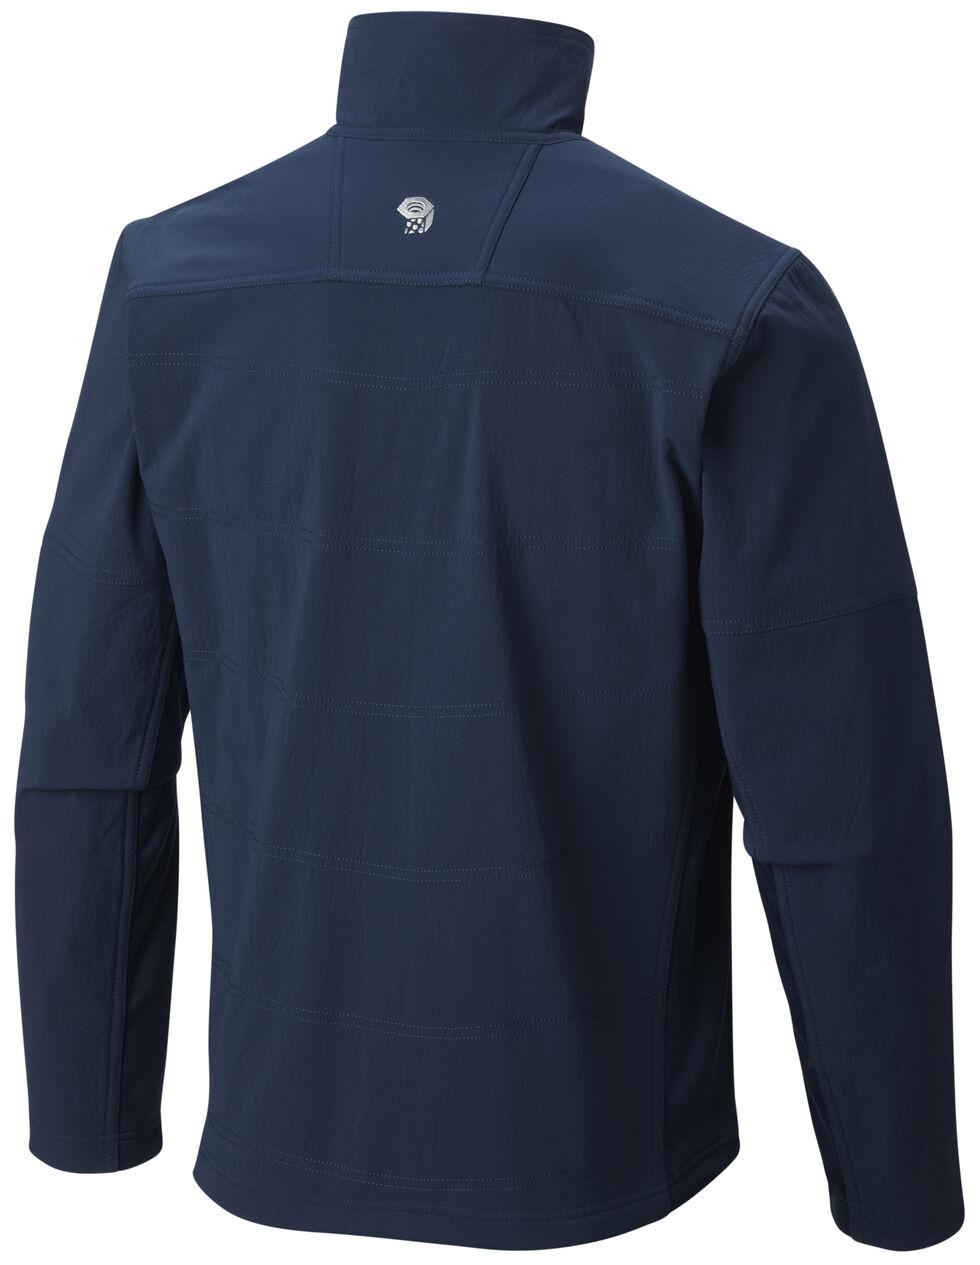 Mountain Hardwear Men's Ruffner Hybrid Jacket, Navy, hi-res